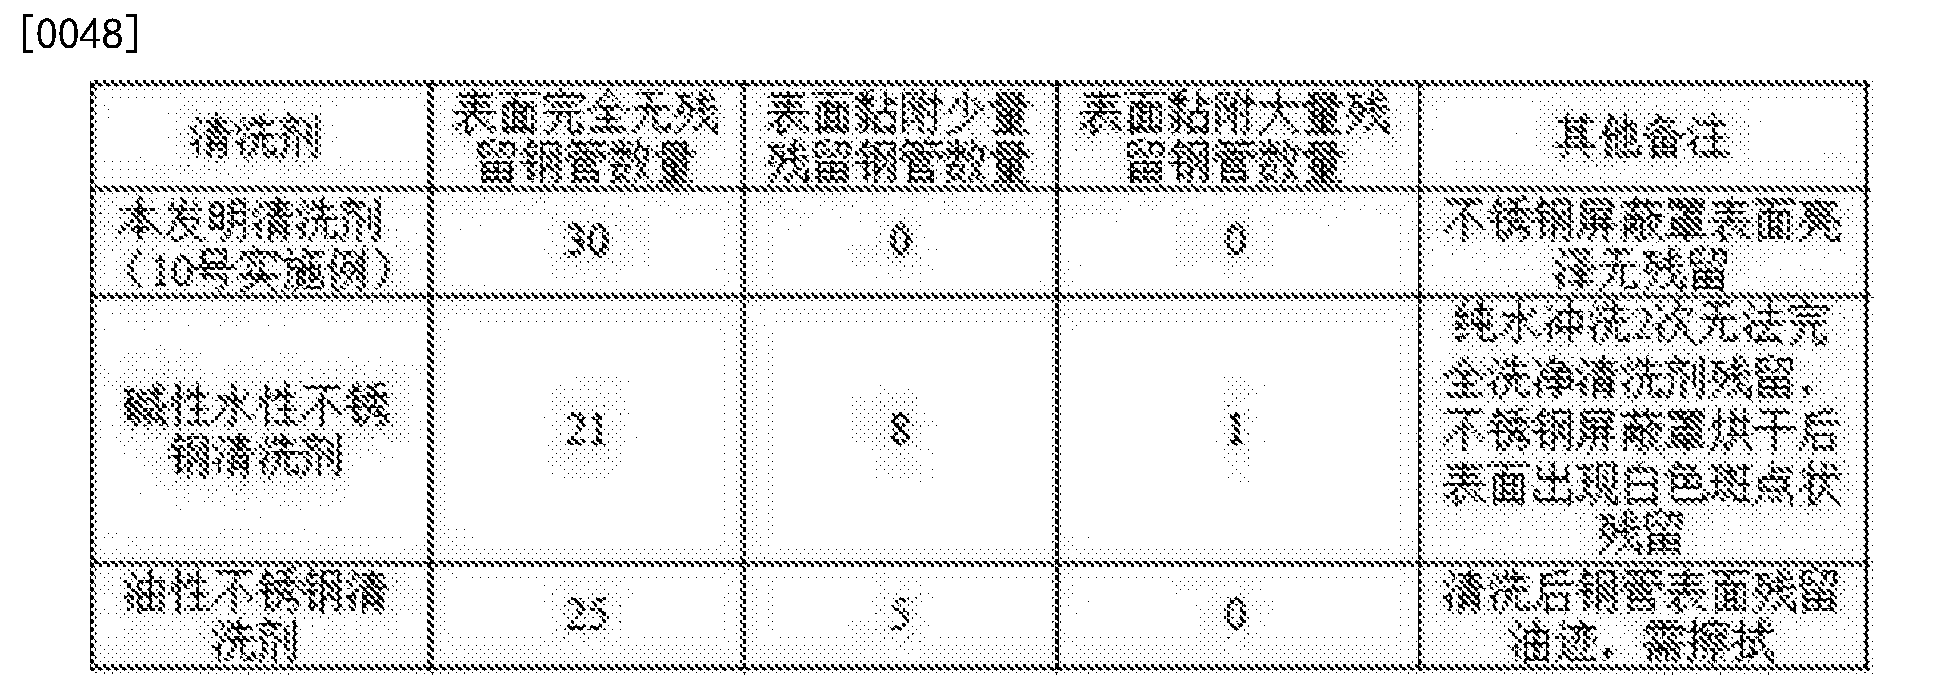 Figure CN105297044BD00061